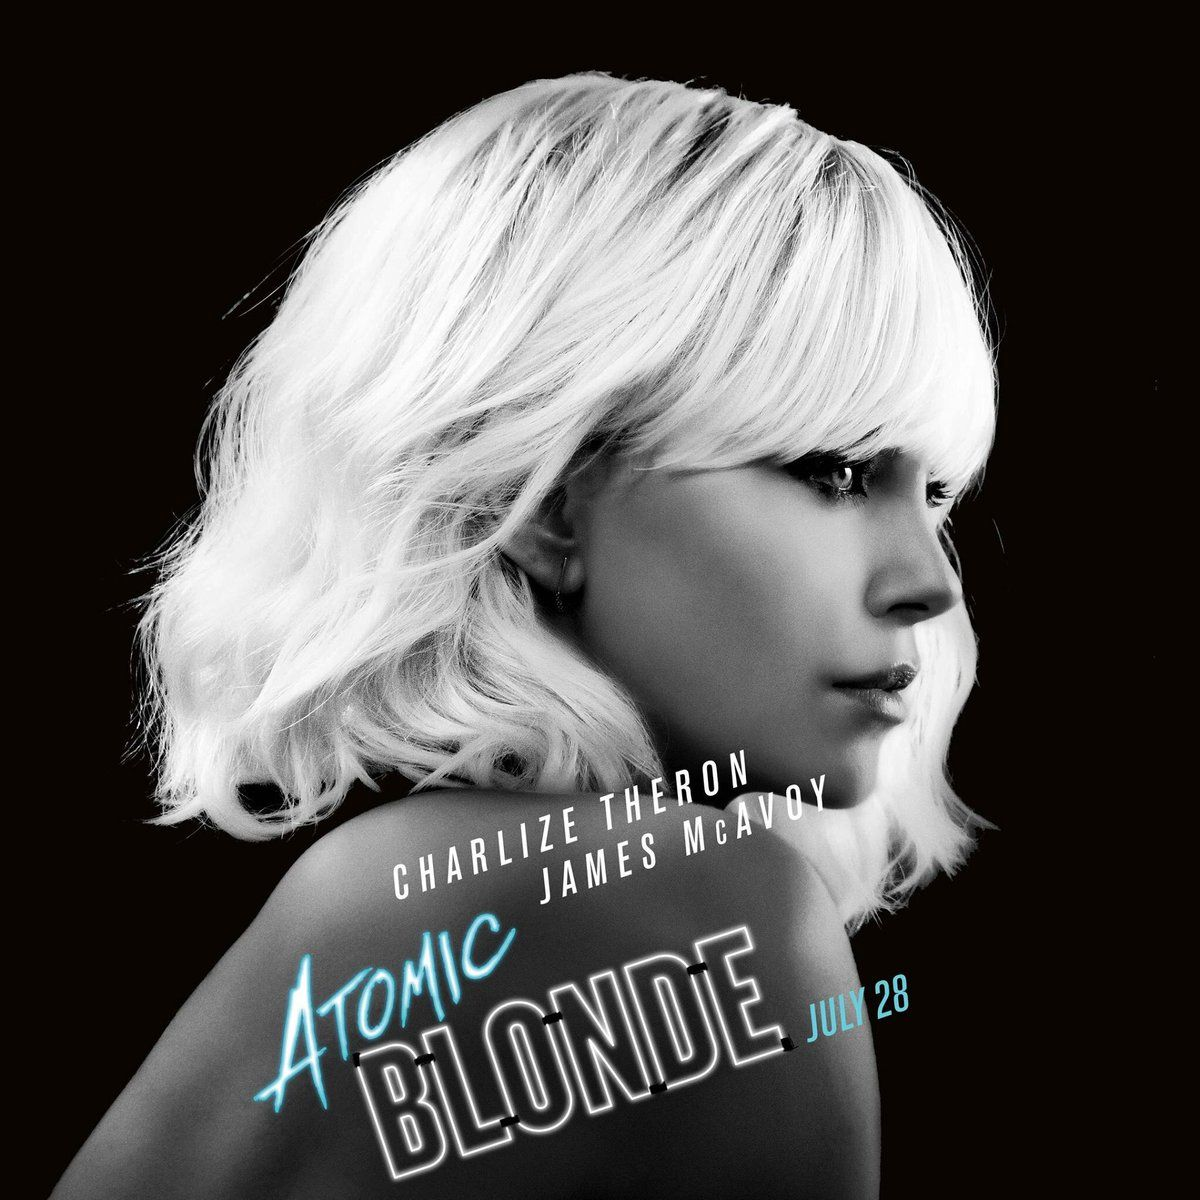 Ranking de @CharlizeAfrica deve subir depois que @atomic_blonde estrear, mas ela já fazia a linha dura antes disso. https://t.co/3u4mQKOIYm